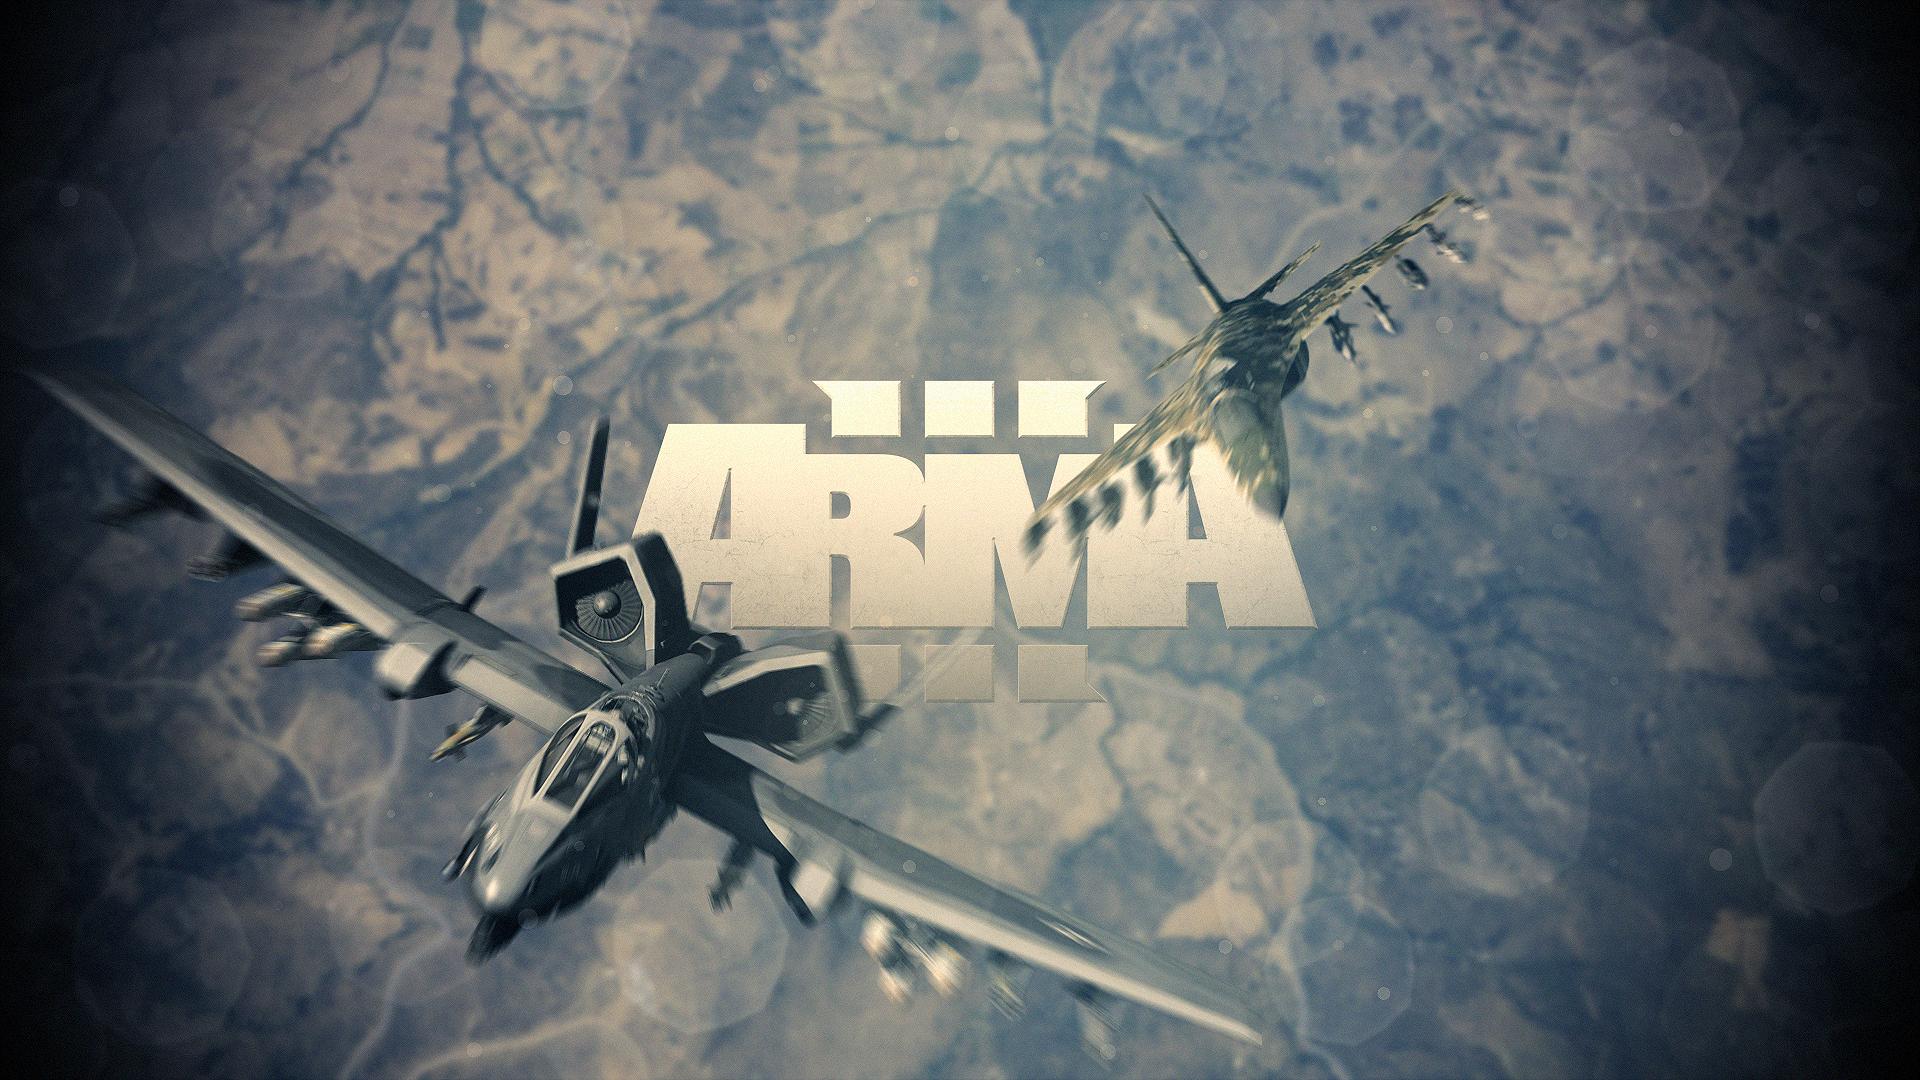 arma 3 wallpaper 3 by detcord12b on deviantart